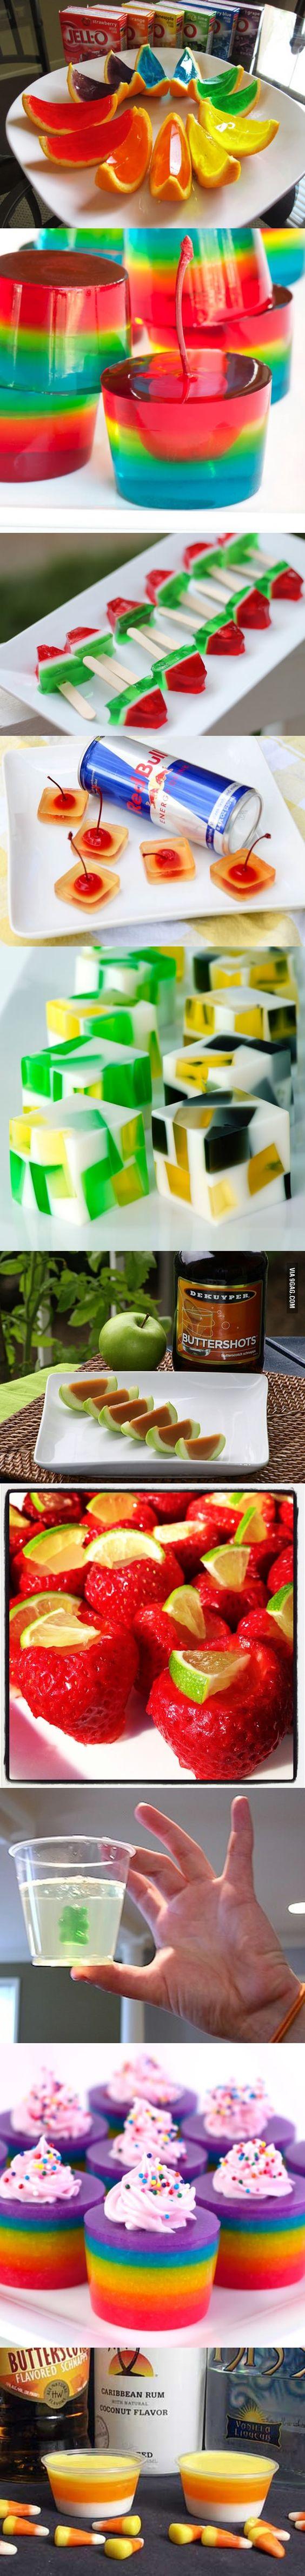 10 maneras diferentes de usar gelatina, esto es increíble